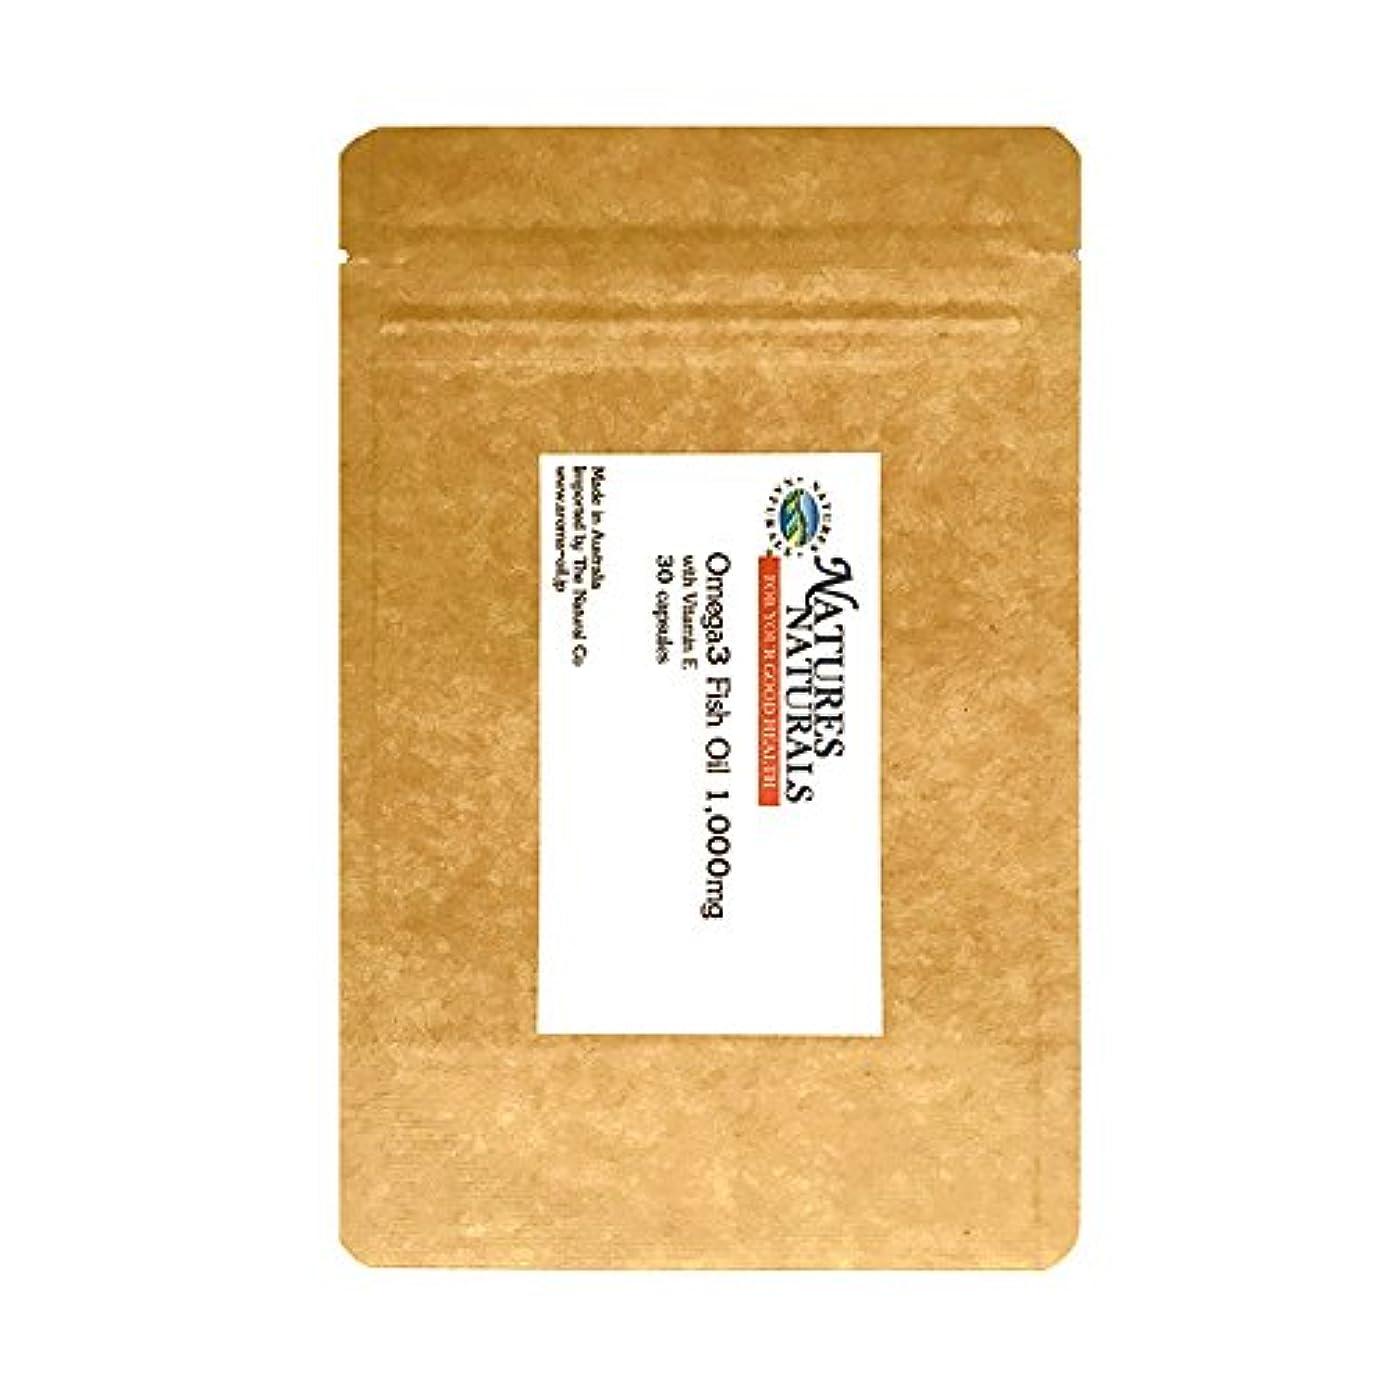 劣る怠包帯オメガ3 ビタミンE配合/DHA EPA 1,000mg オーストラリア産サプリメント/30錠 約1ヶ月分